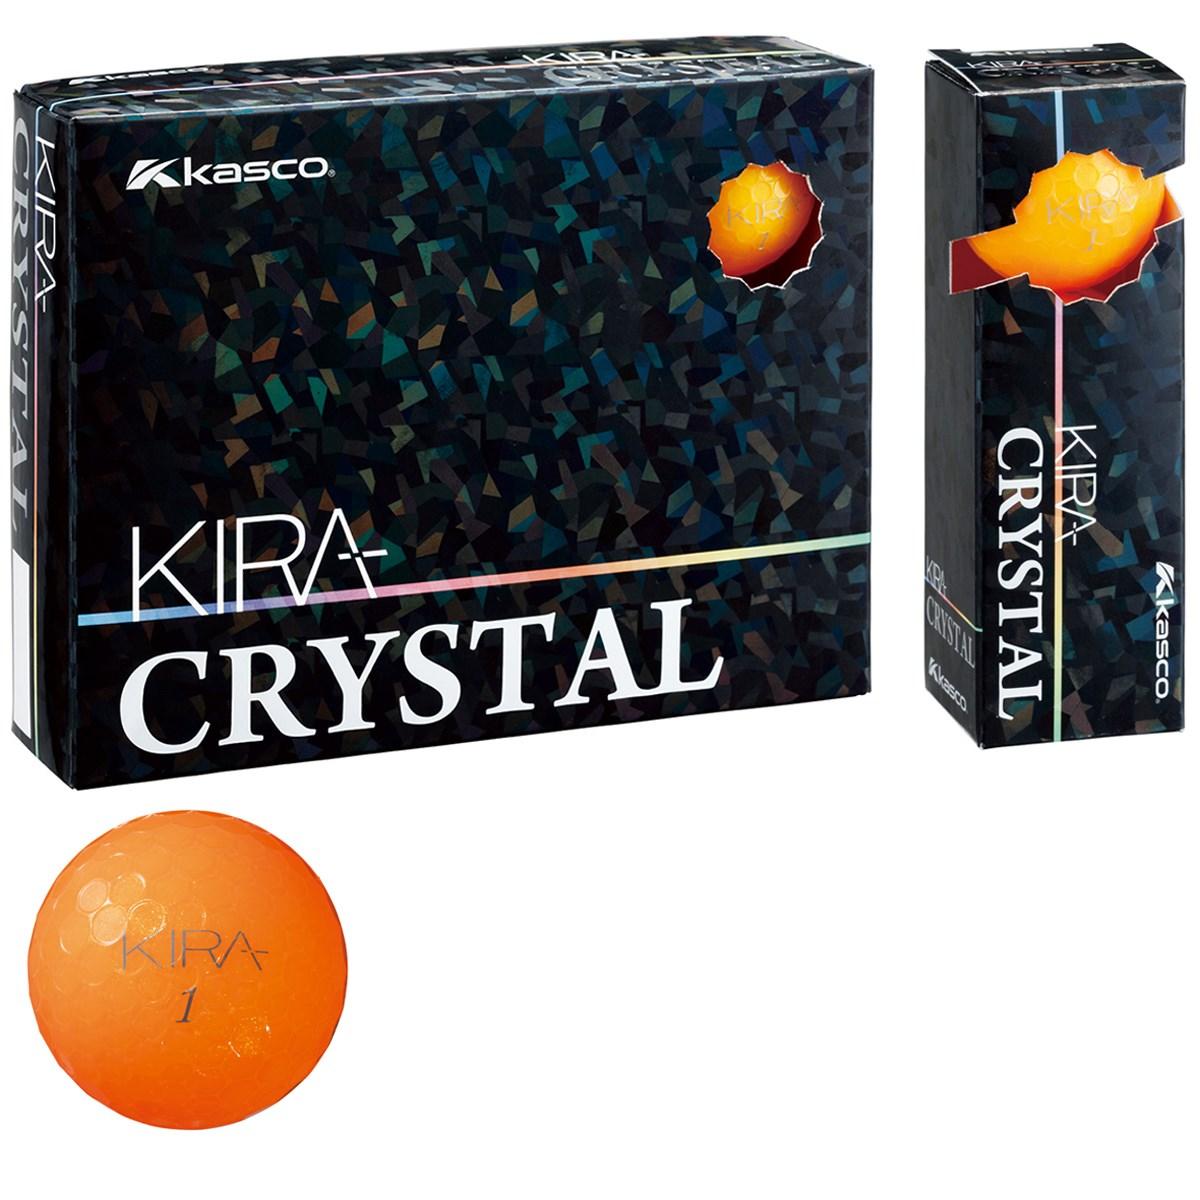 キャスコ(KASCO) KIRA CRYSTAL ボール